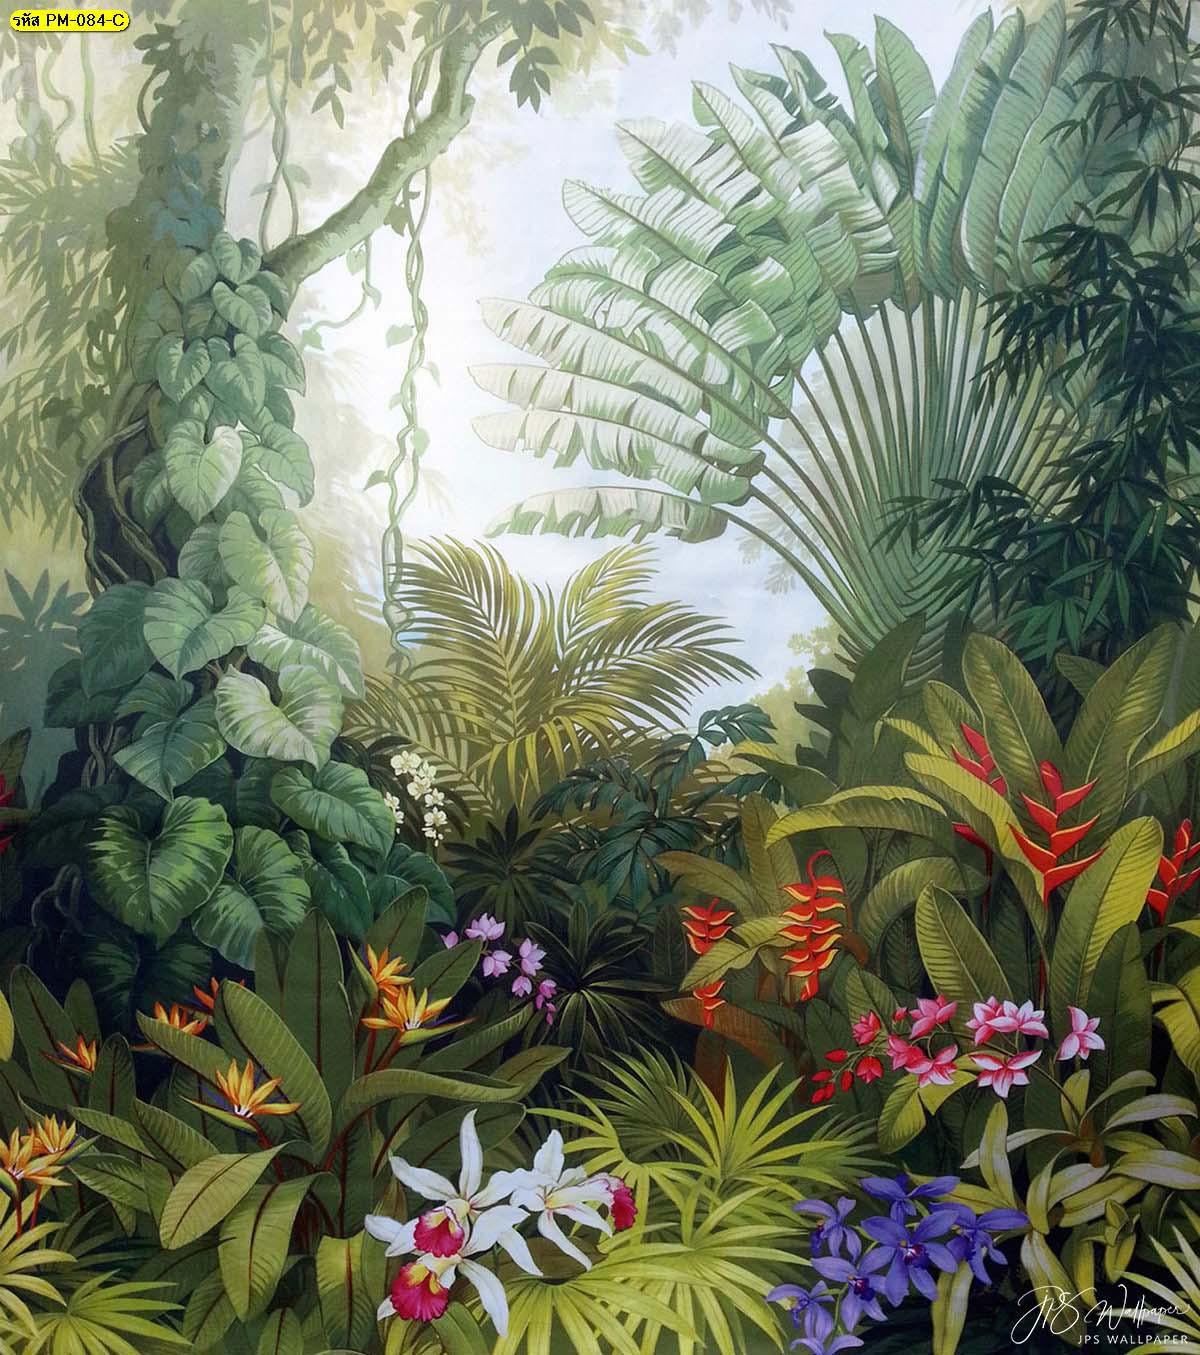 ภาพติดผนังสวยๆ สั่งทำภาพจิตรกรรม แต่งบ้านด้วยภาพจิตรกรรม